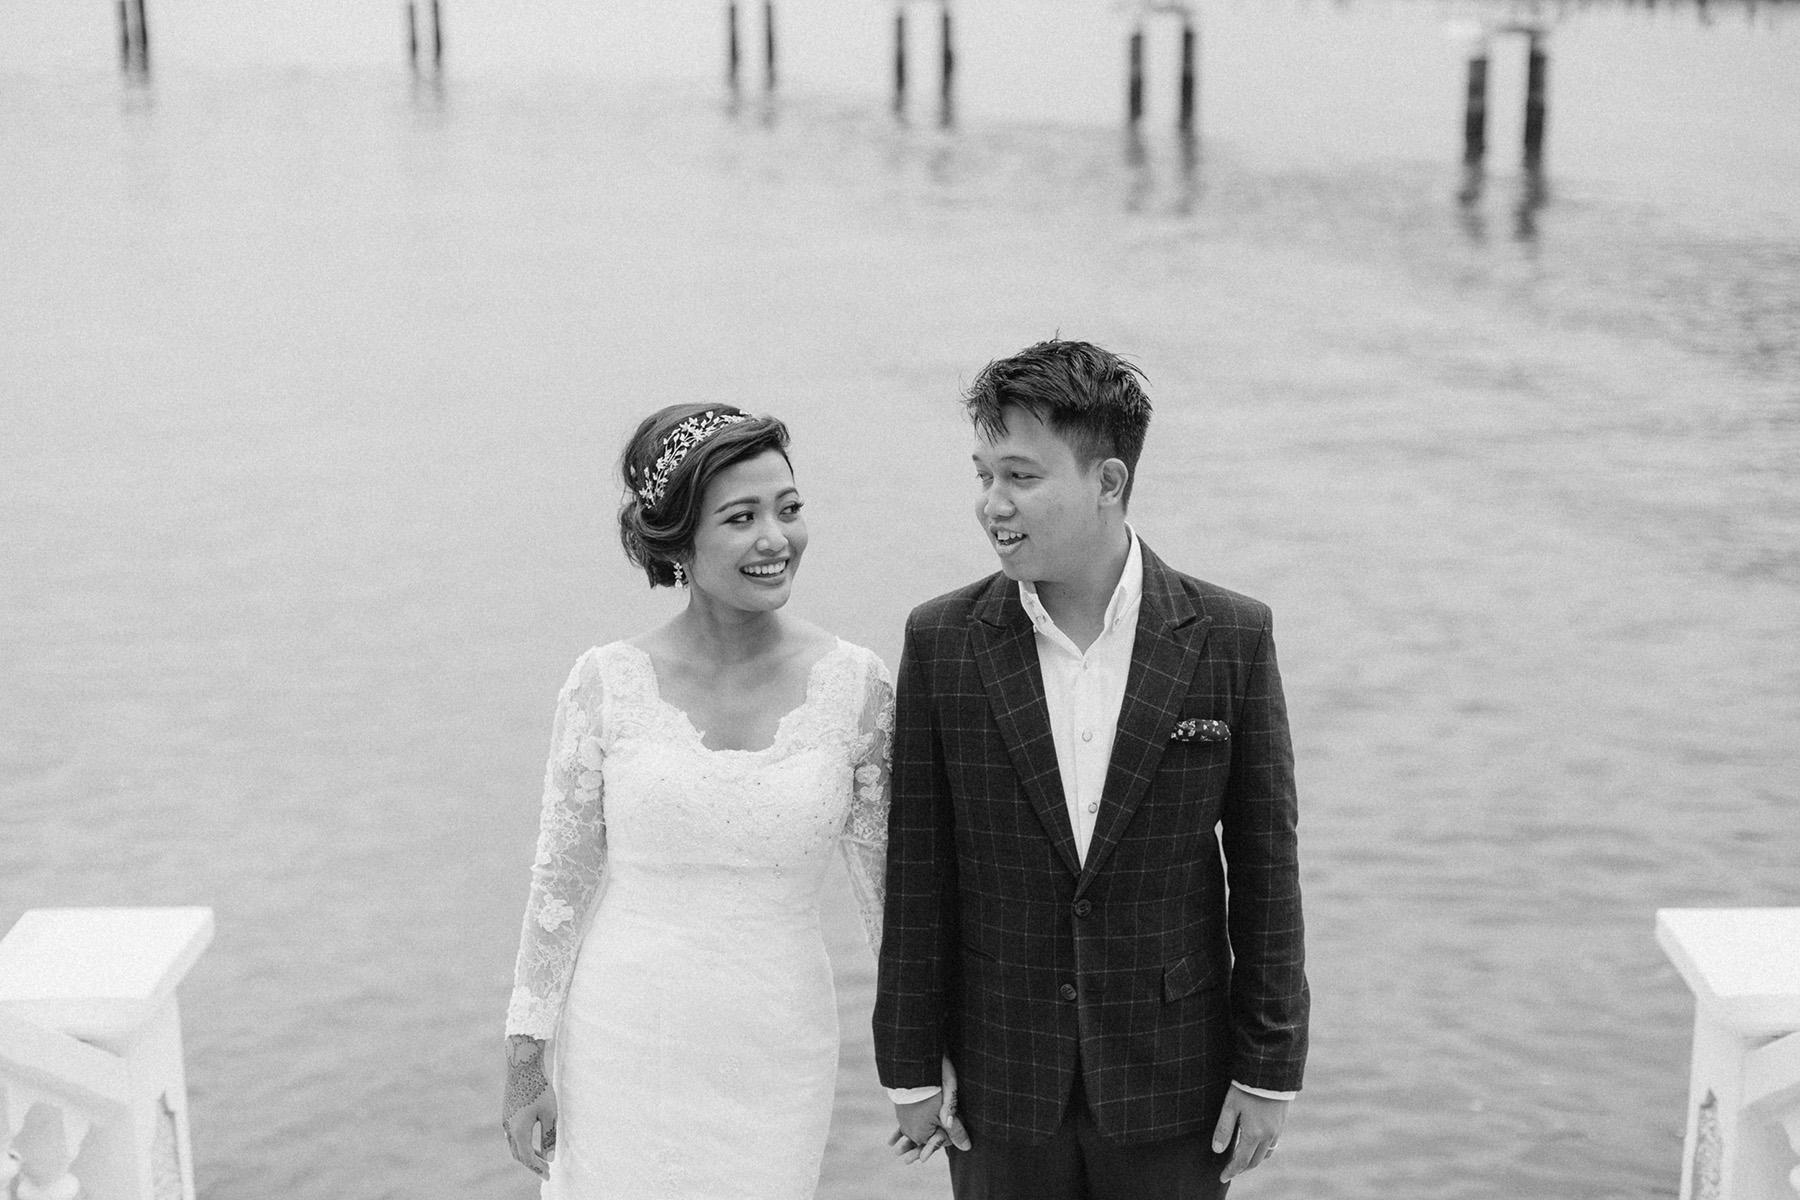 singapore-wedding-photographer-wemadethese-bw-004.jpg